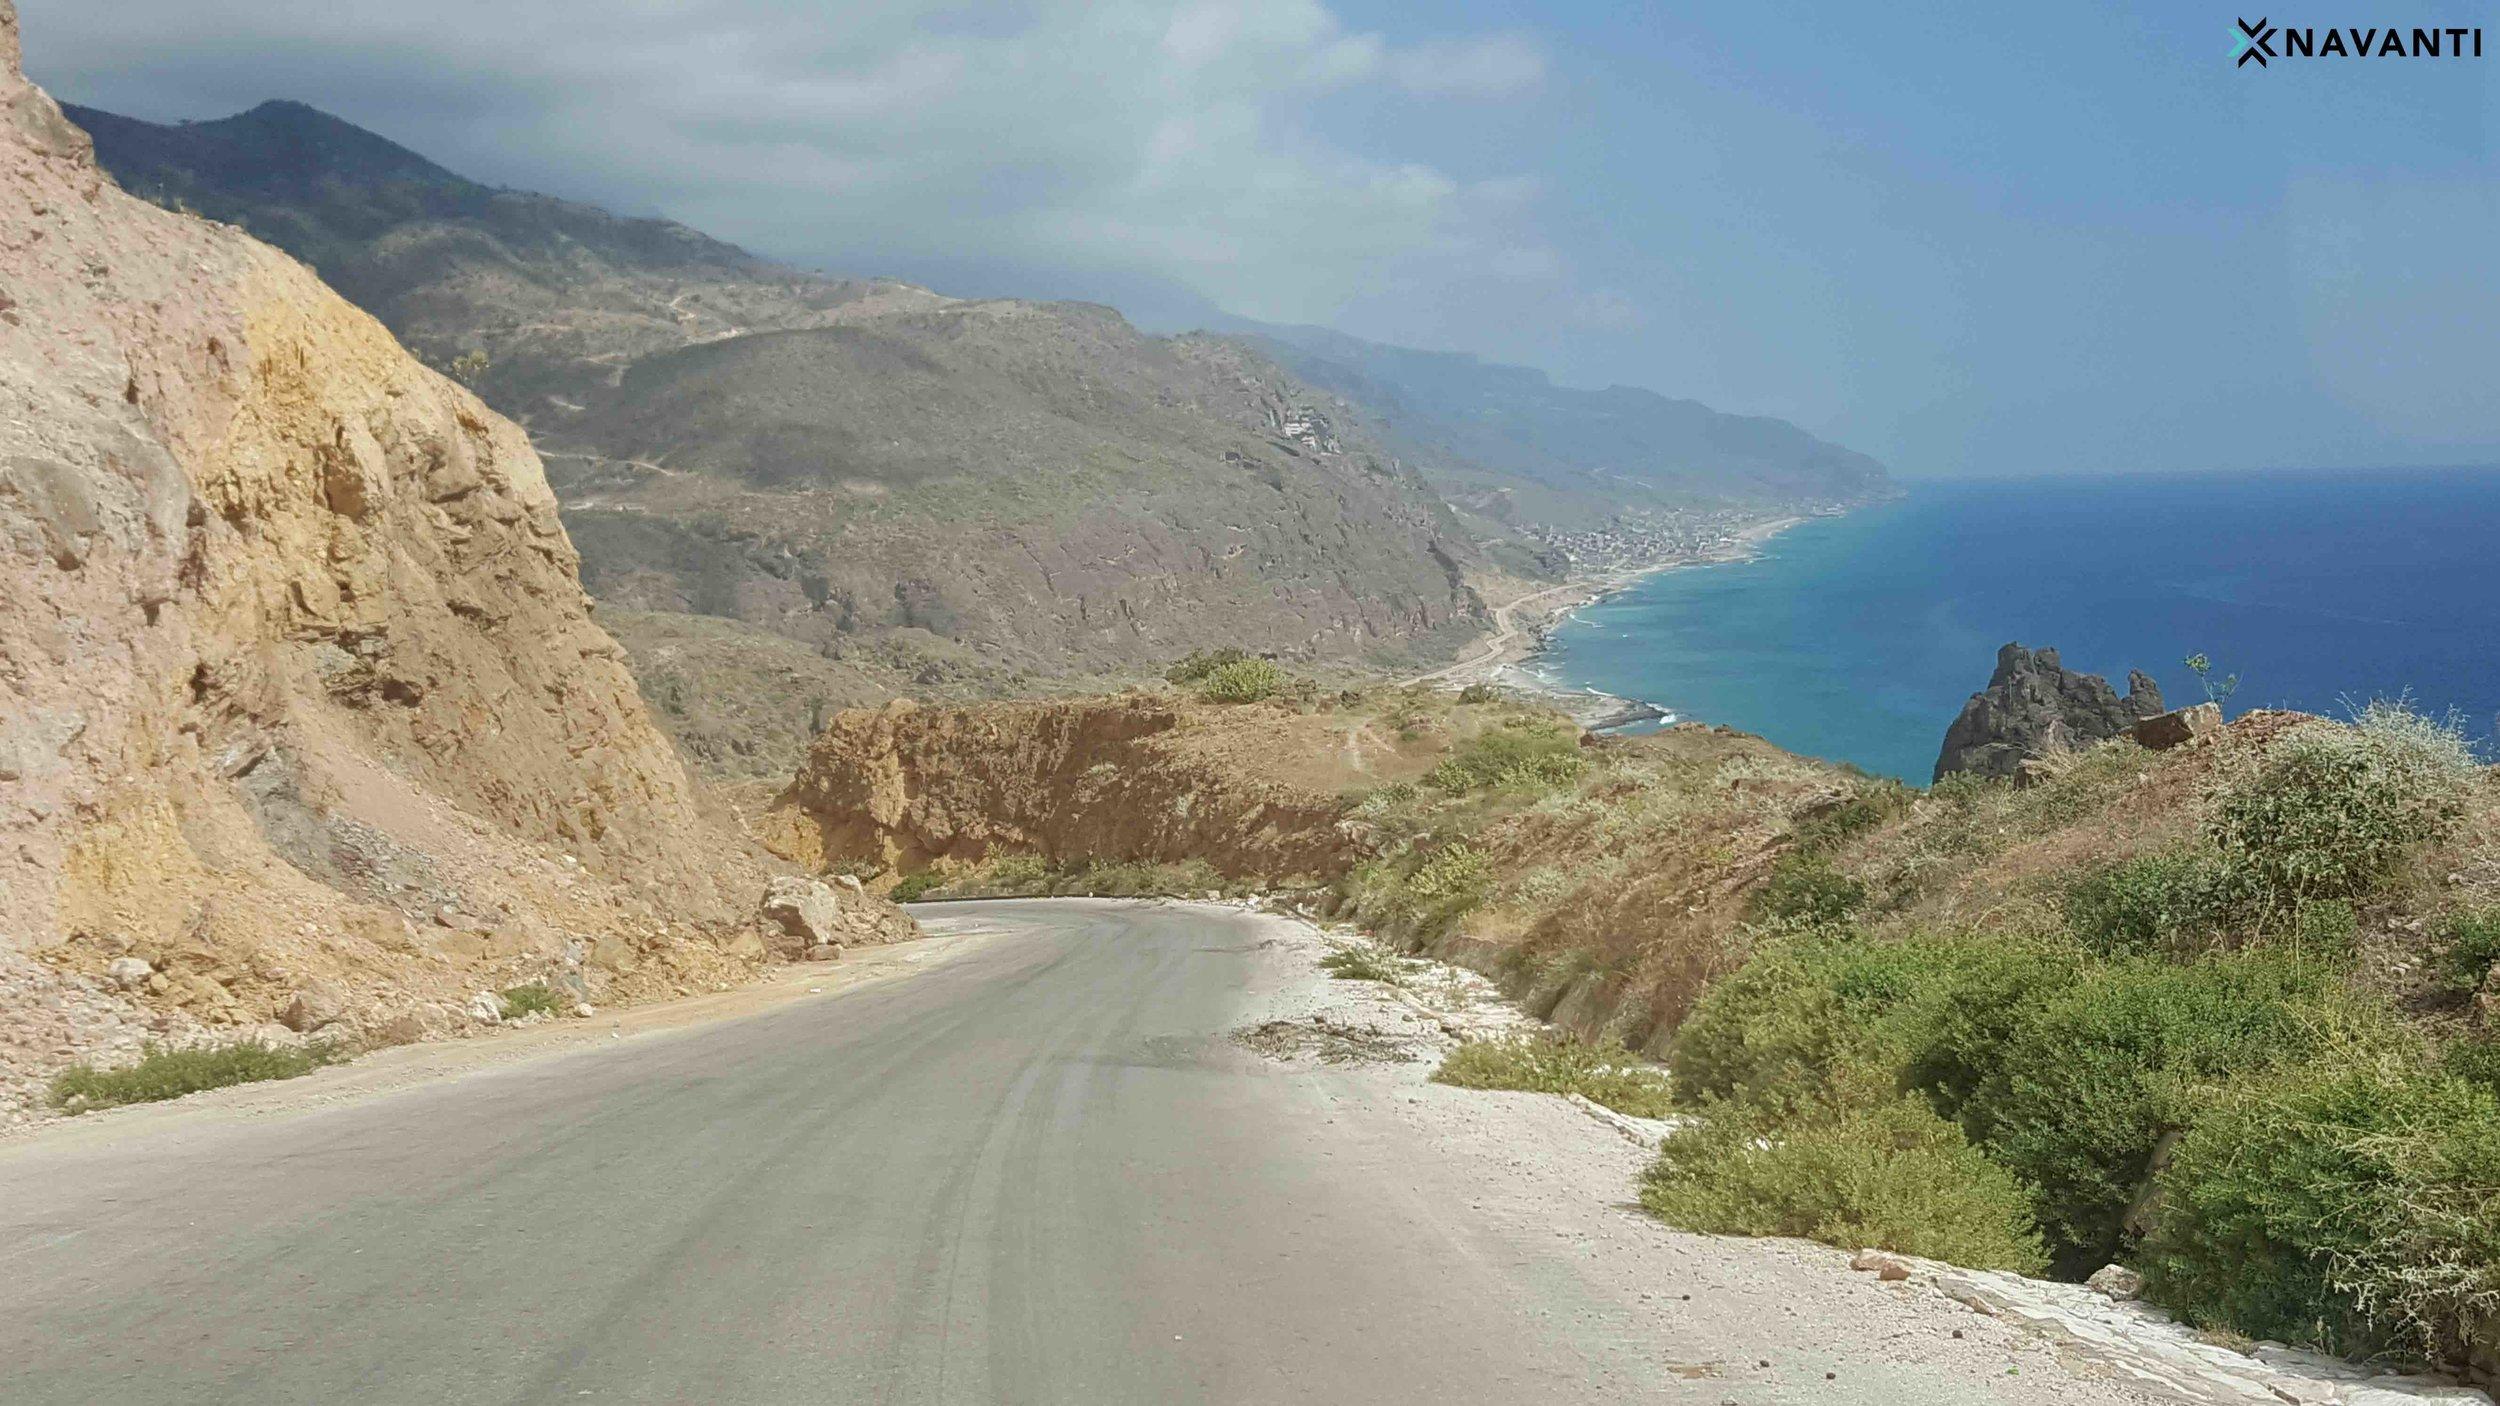 The al-Mahra coast. Source: Navanti